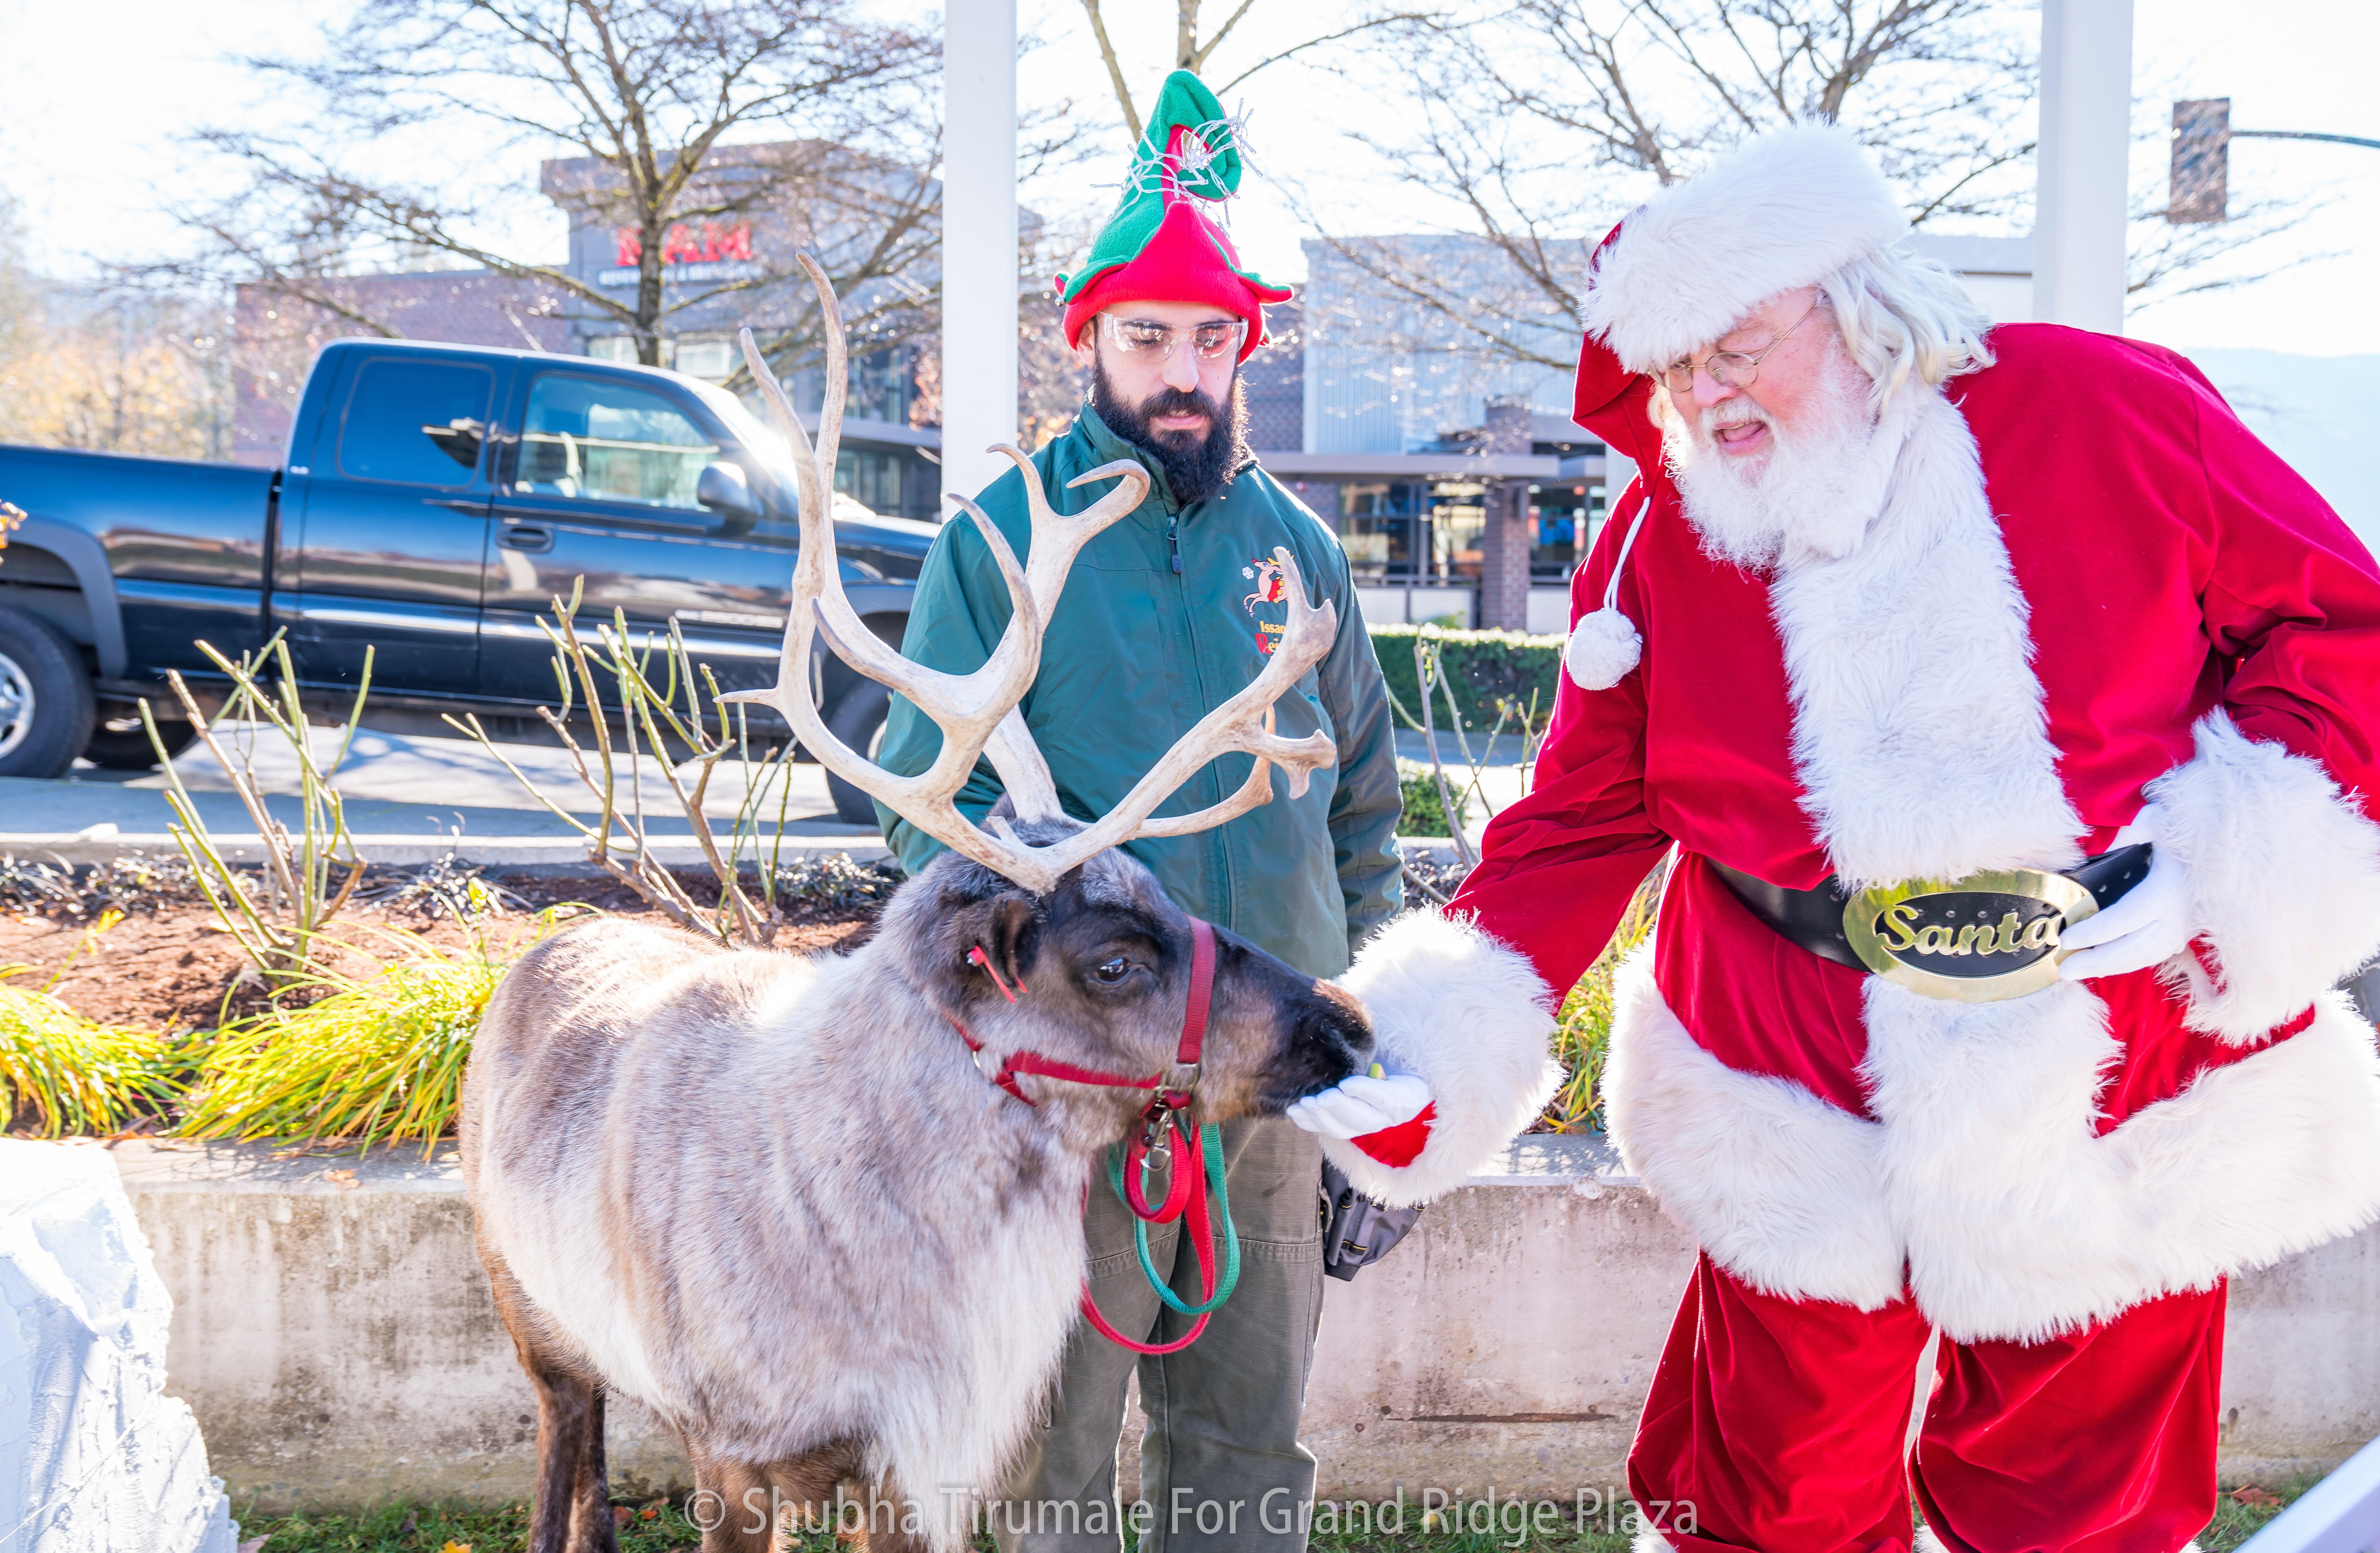 Santa feeding a reindeer while an elf looks on